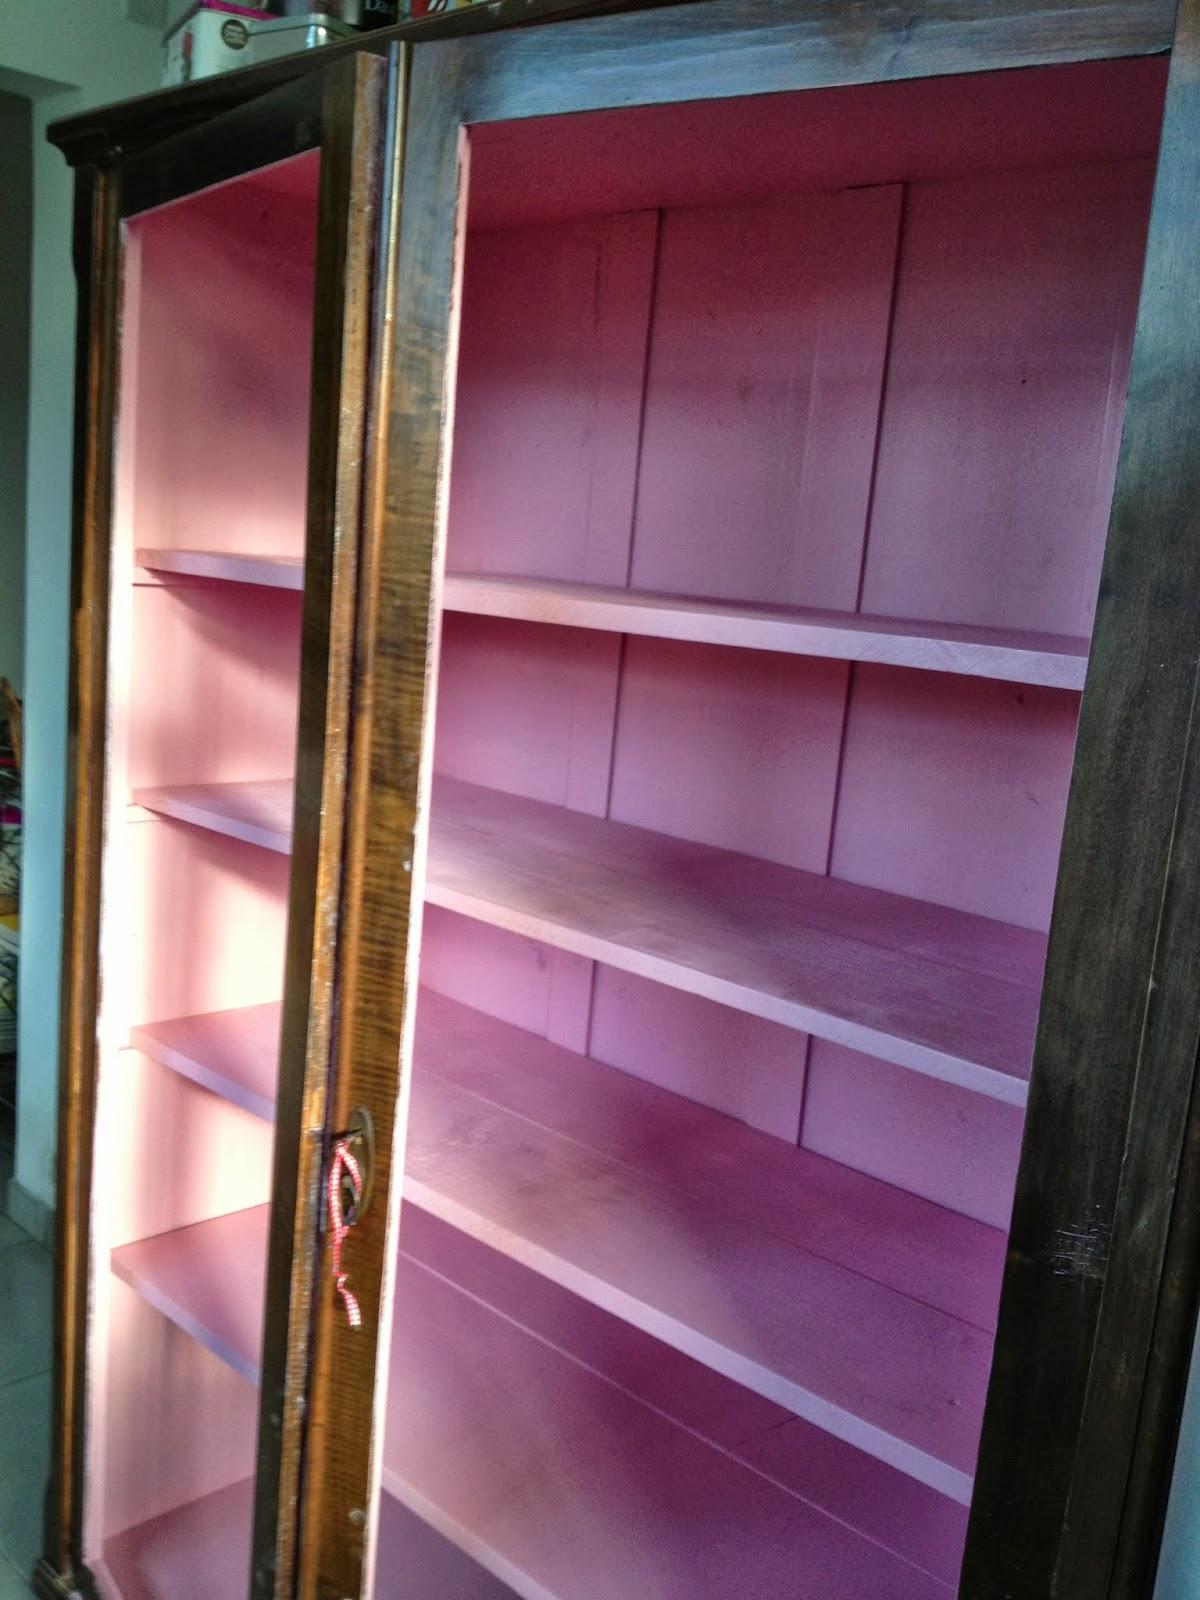 cortas tábuas de pínus na medida de dentro do armário #9E312D 1200x1600